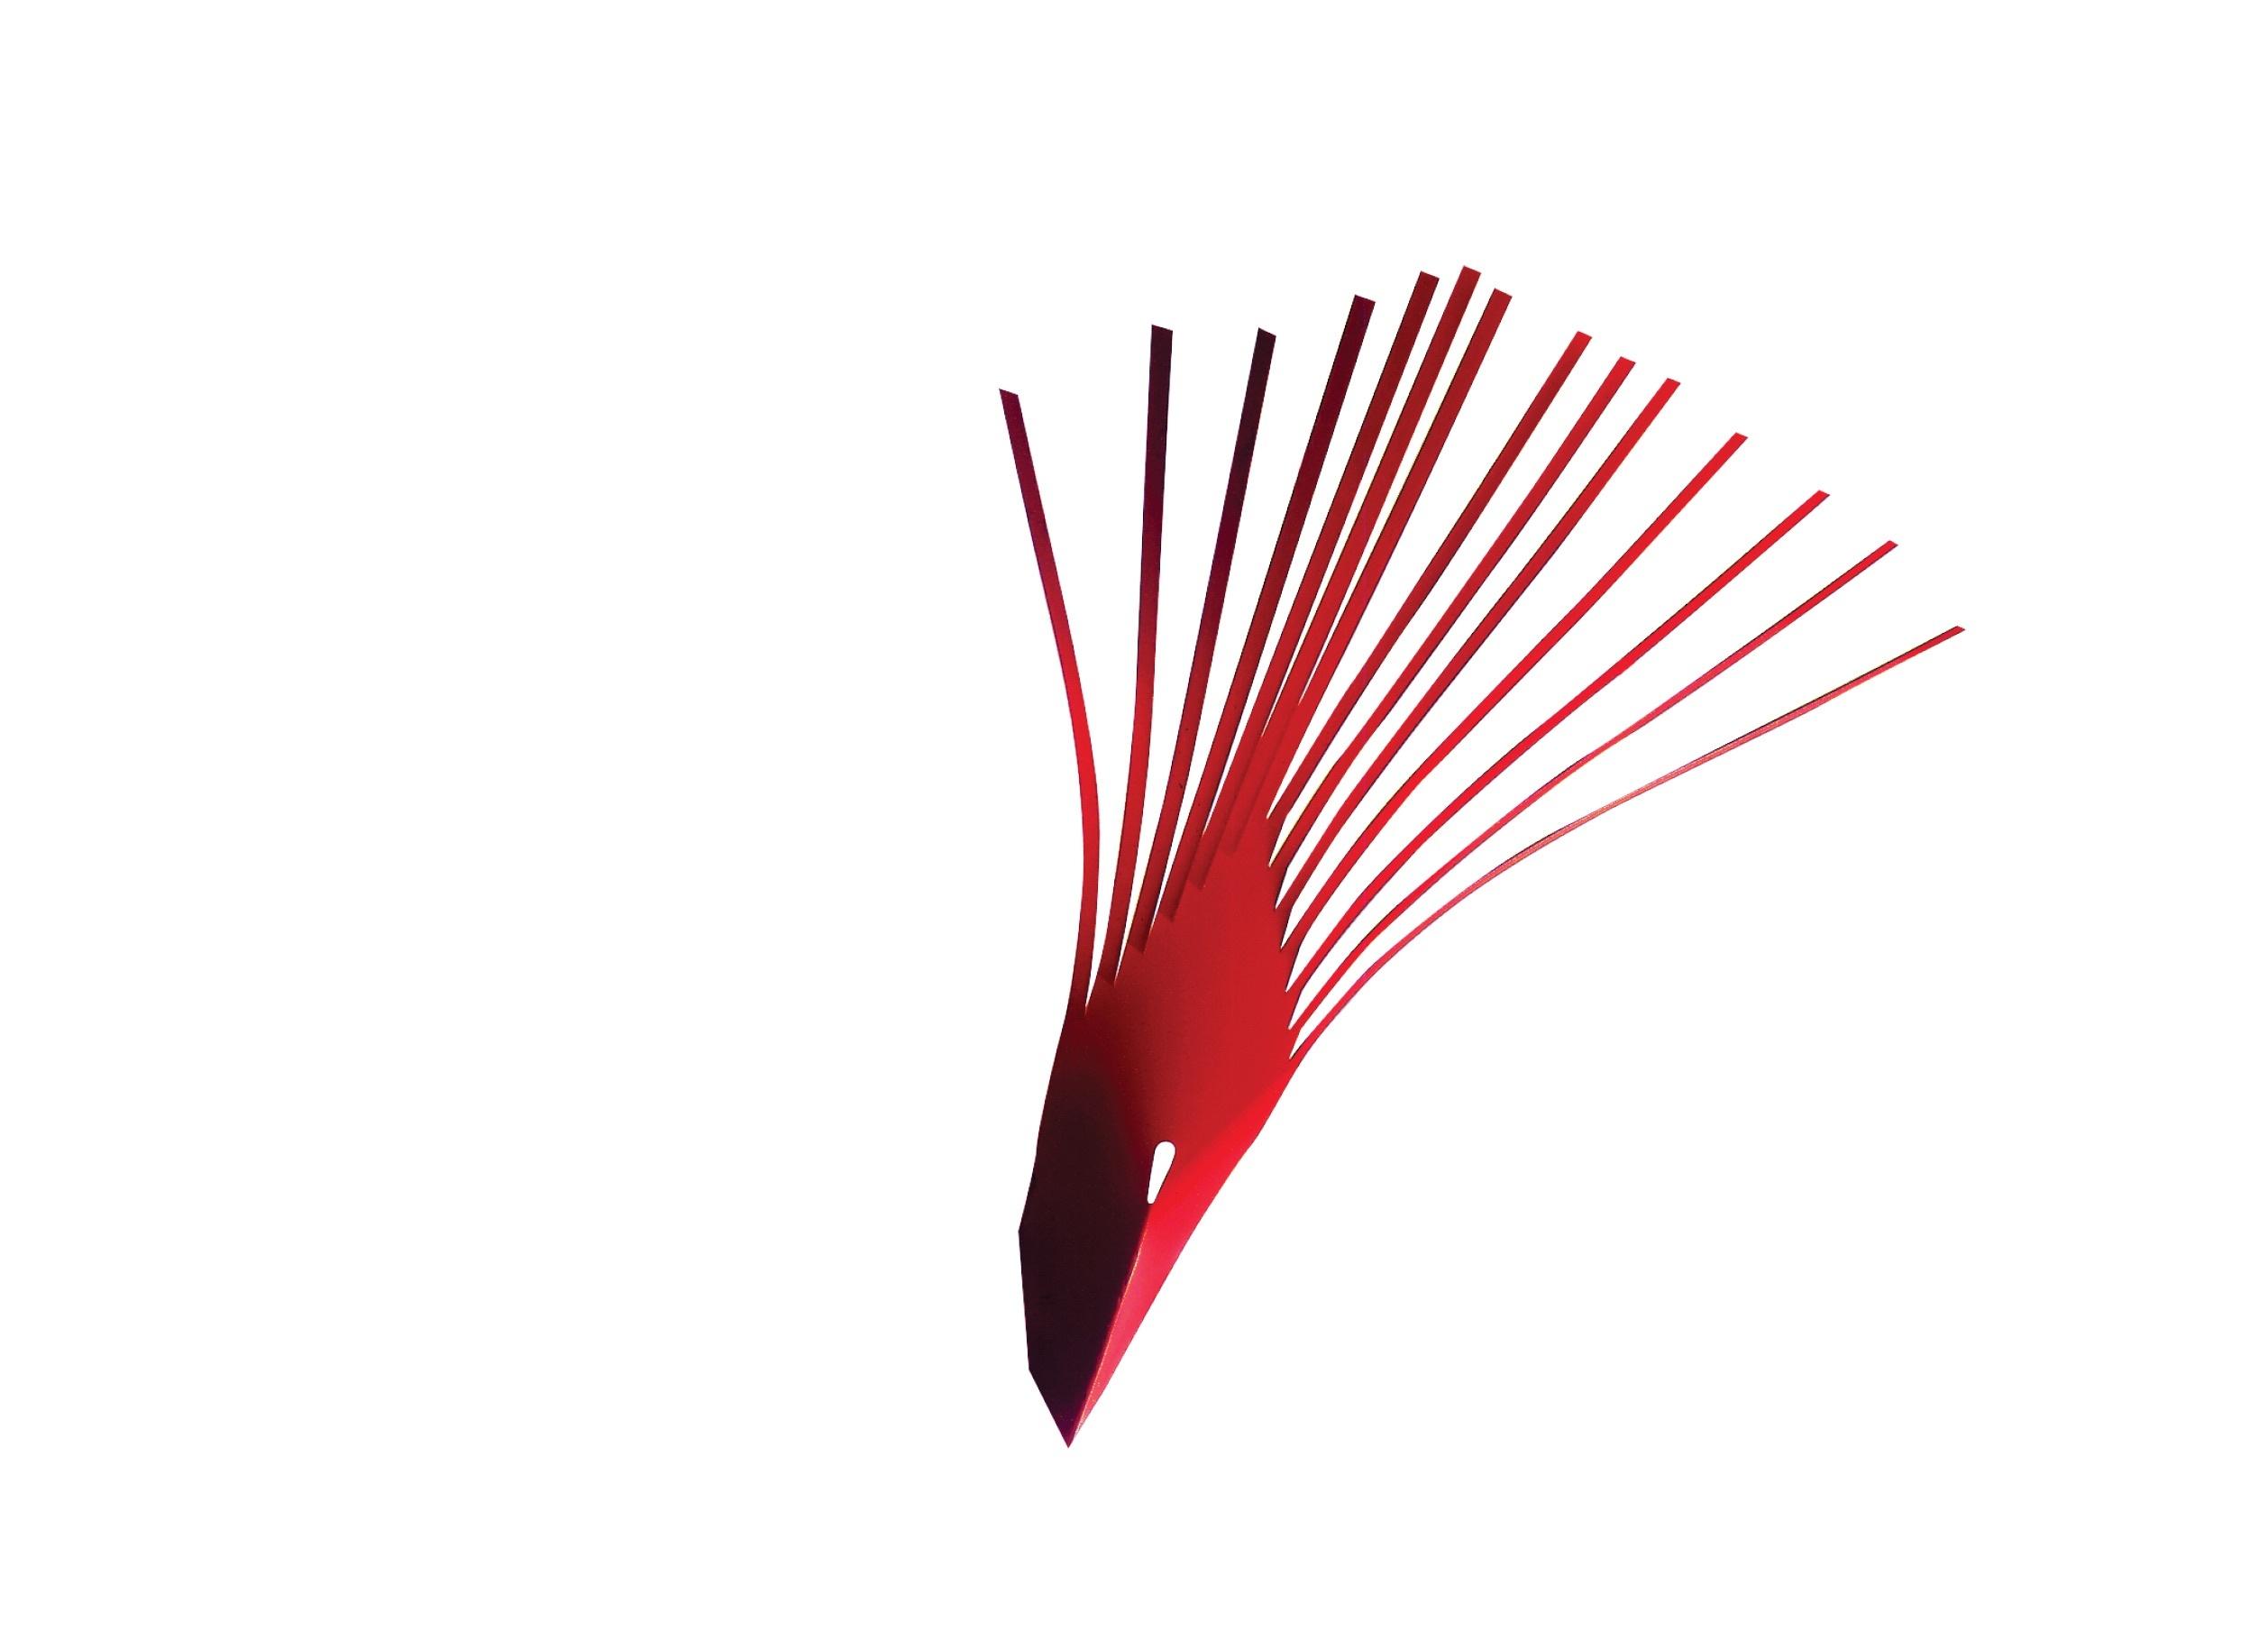 168 abitare il tempo lampada bu portfolio fish form studio di design e progettazione verona